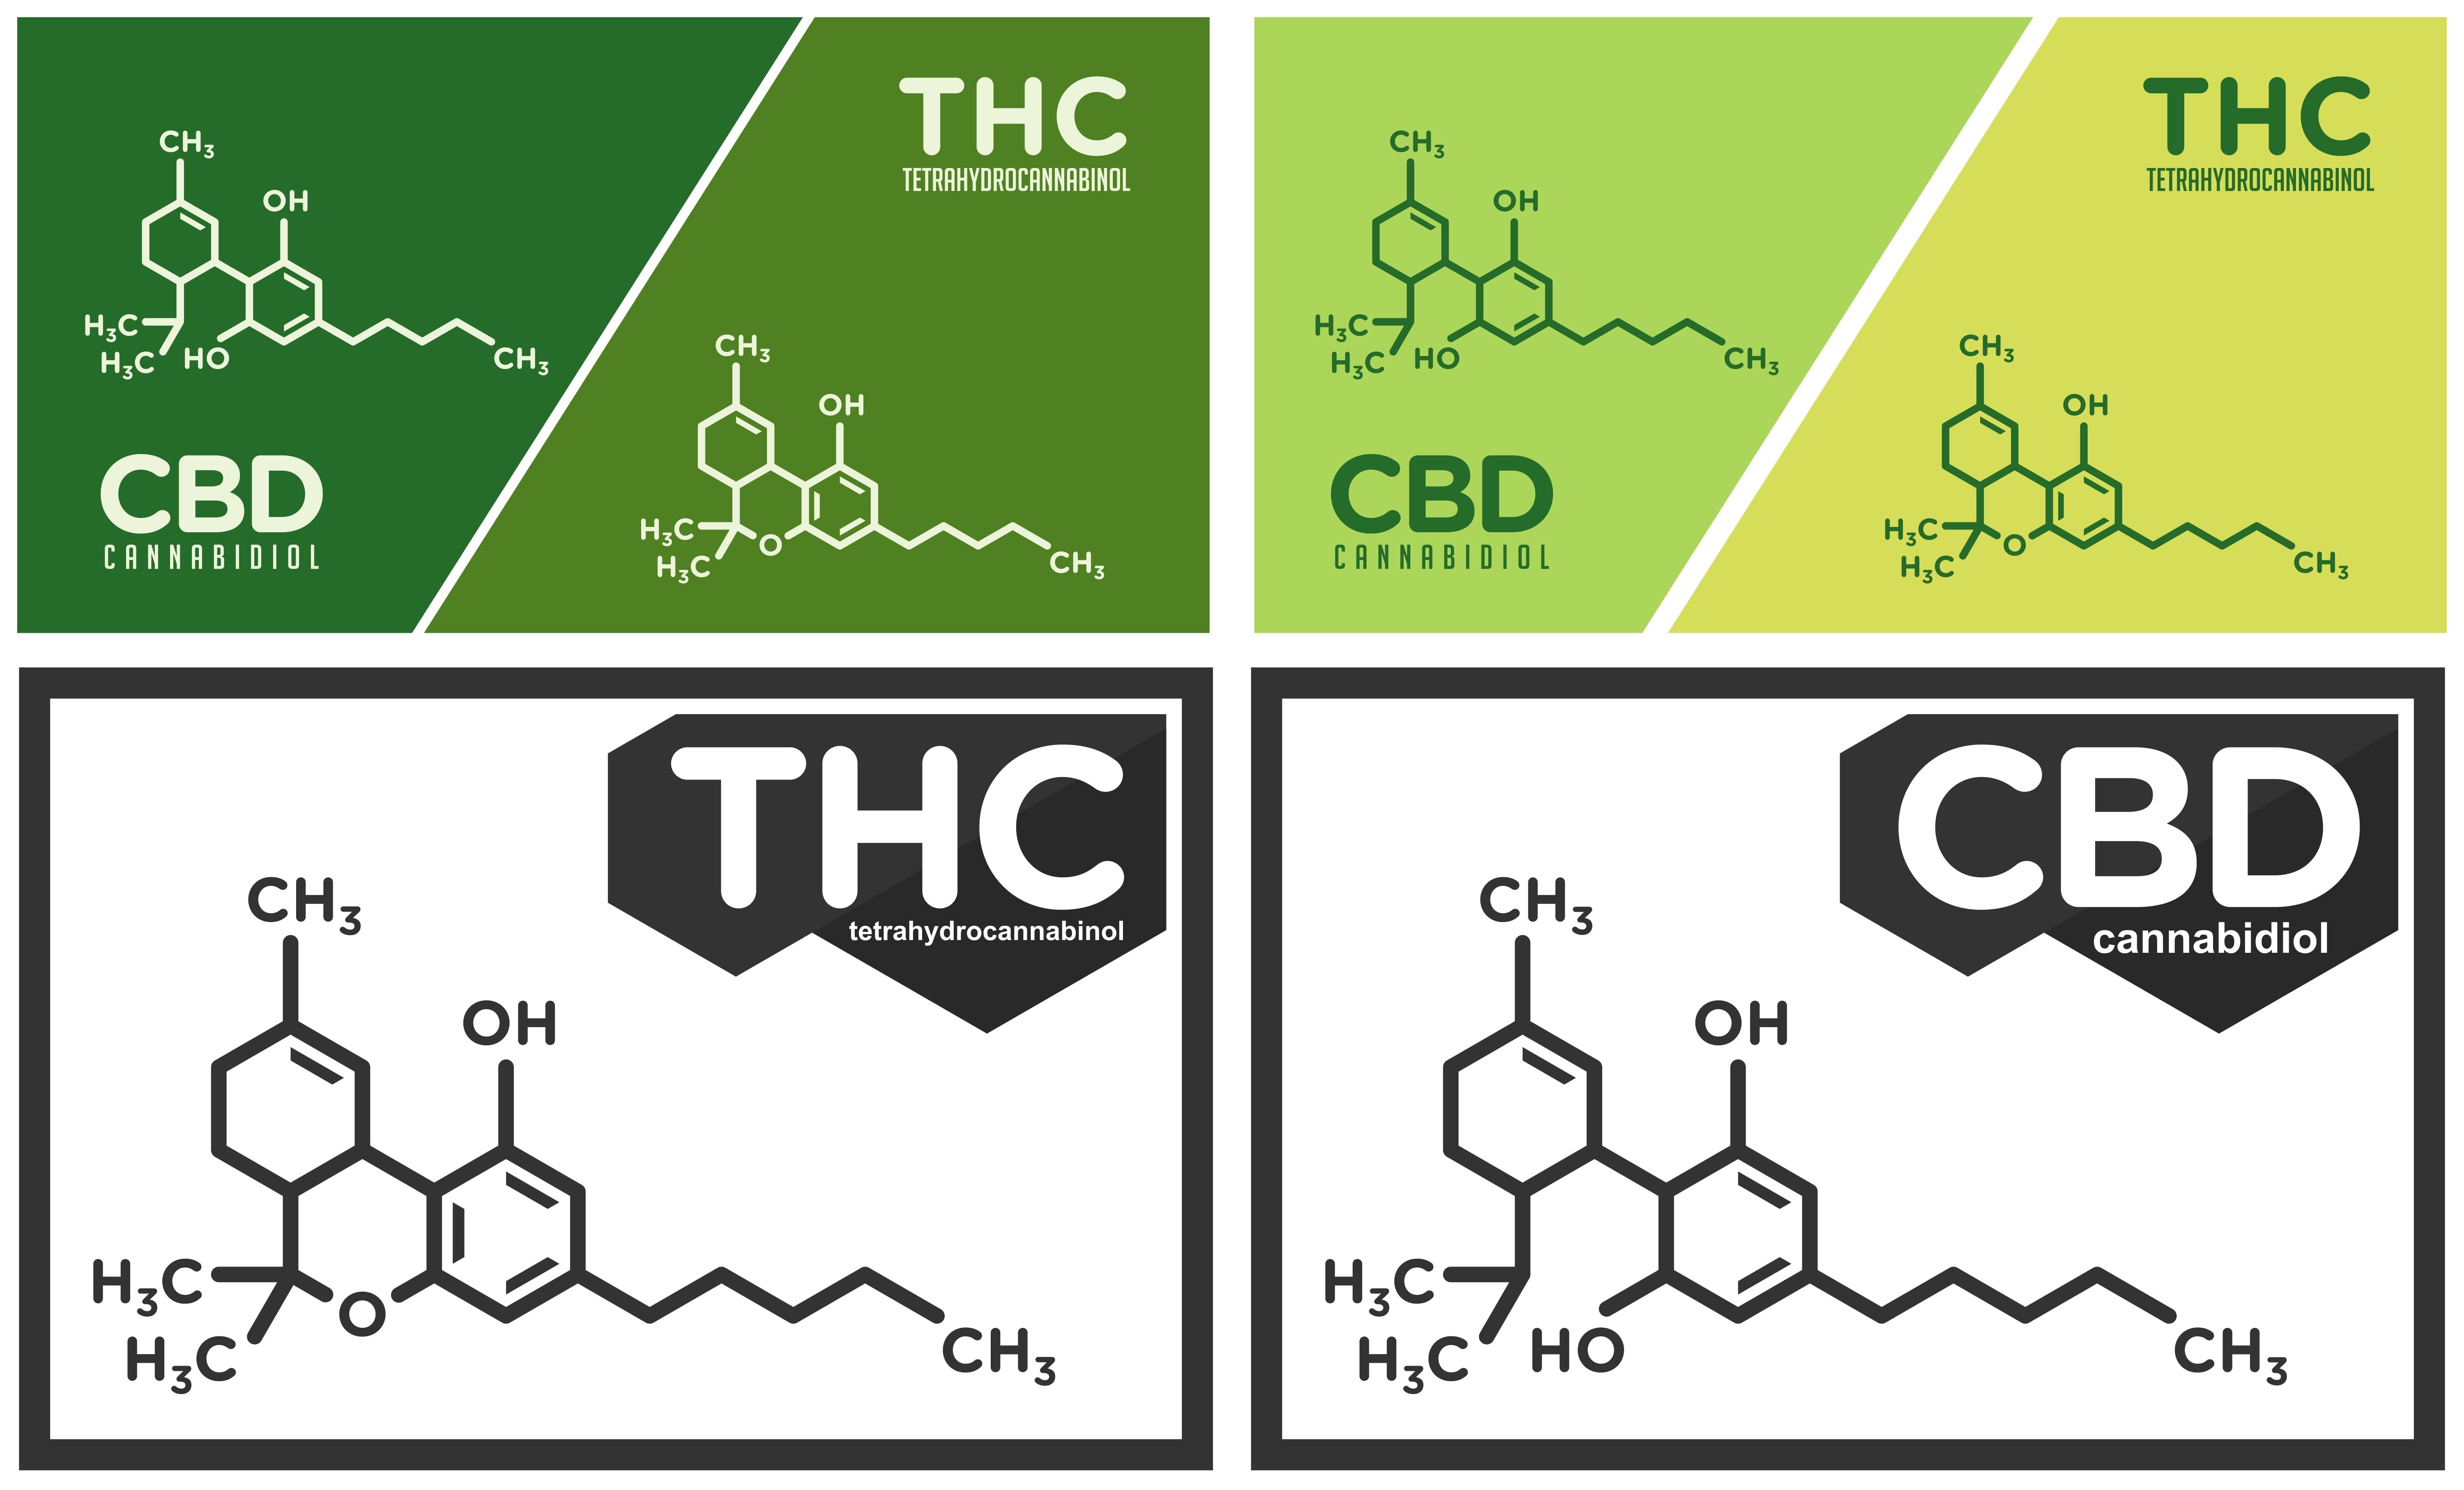 thc-versus-cbd